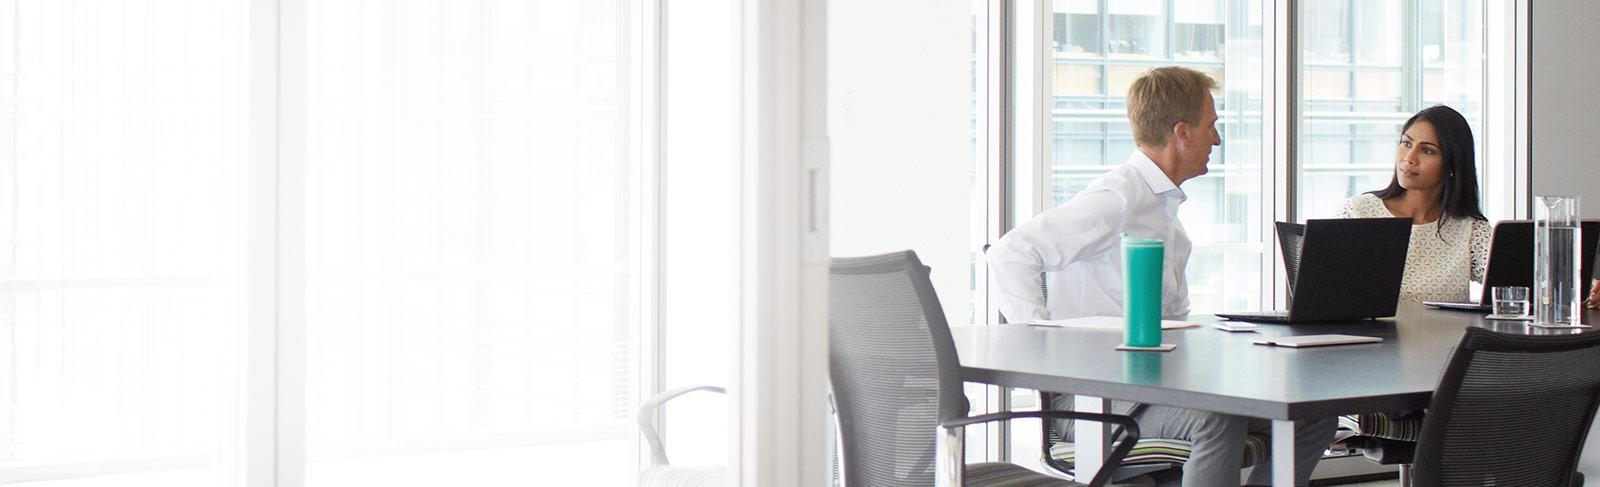 Kaksi työntekijää neuvotteluhuoneessa kannettavat tietokoneet avattuina käyttämässä Office 365 Enterprise E3:a.